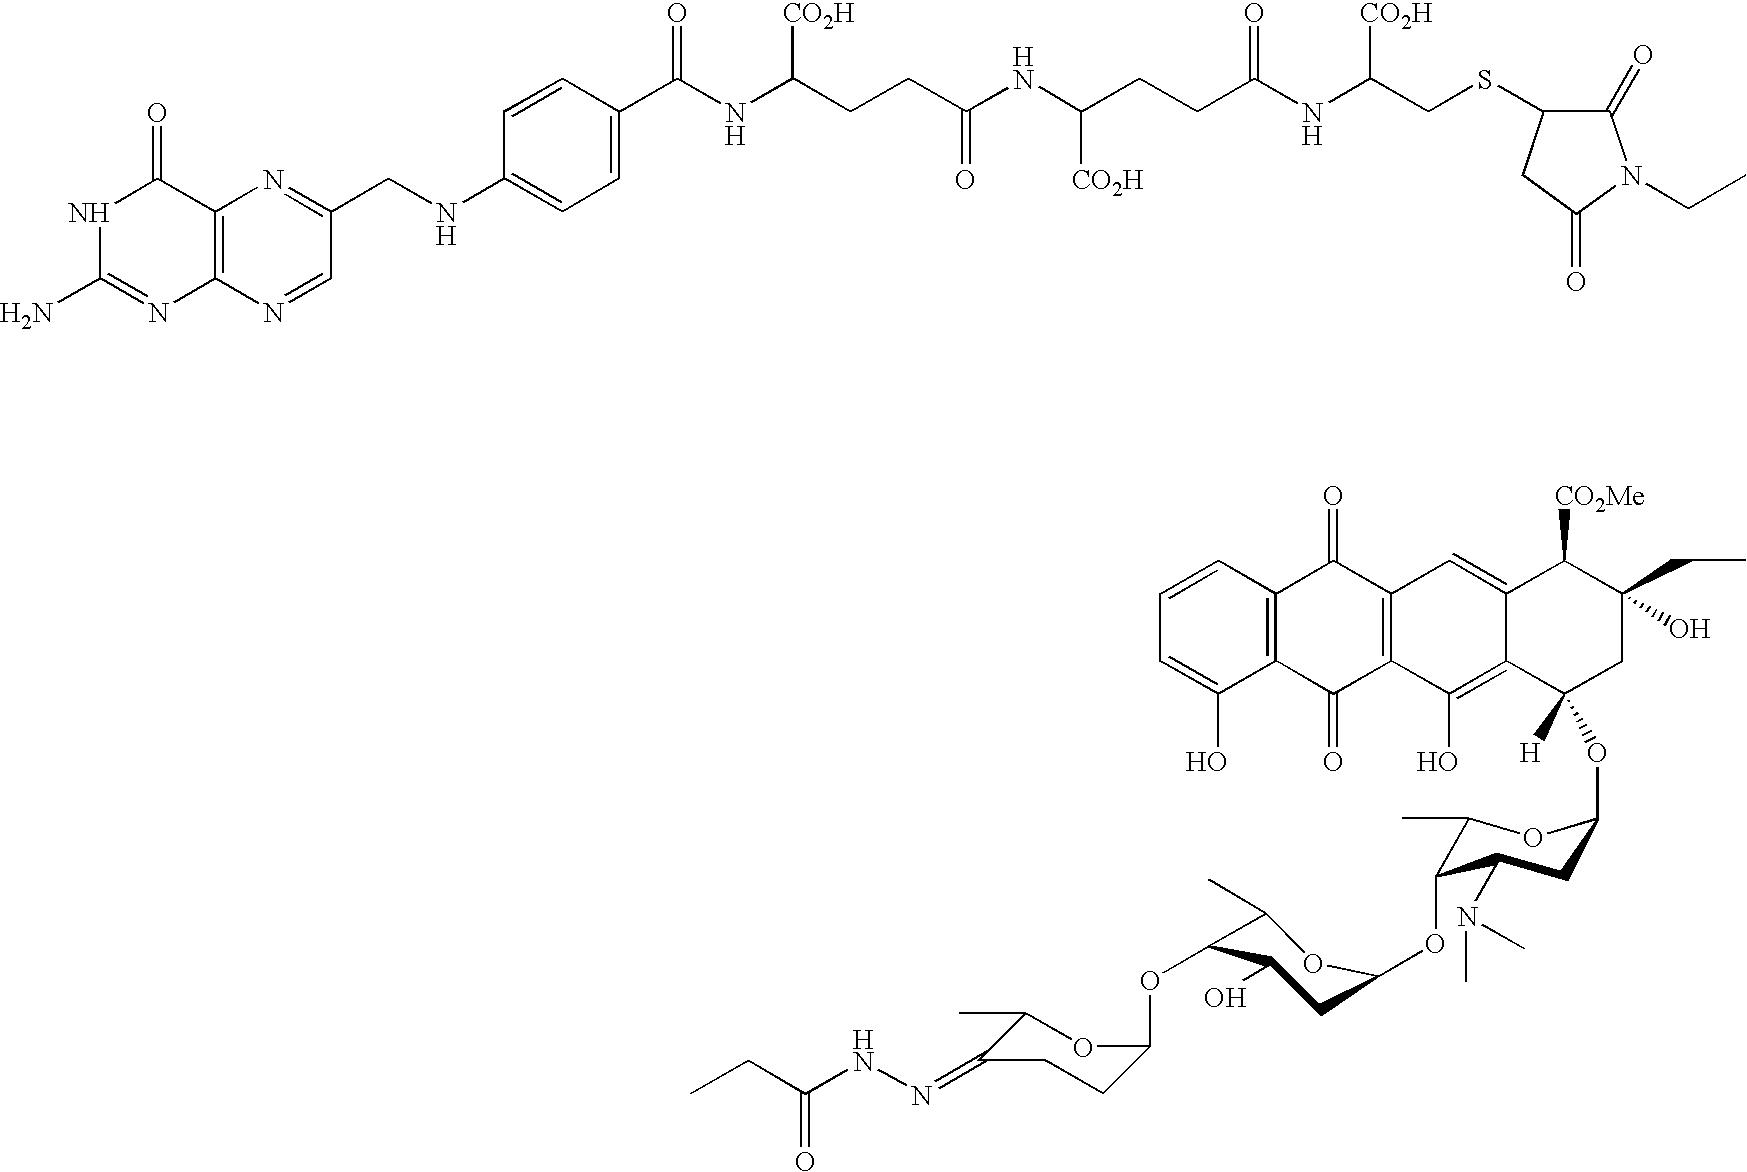 Figure US20100004276A1-20100107-C00137